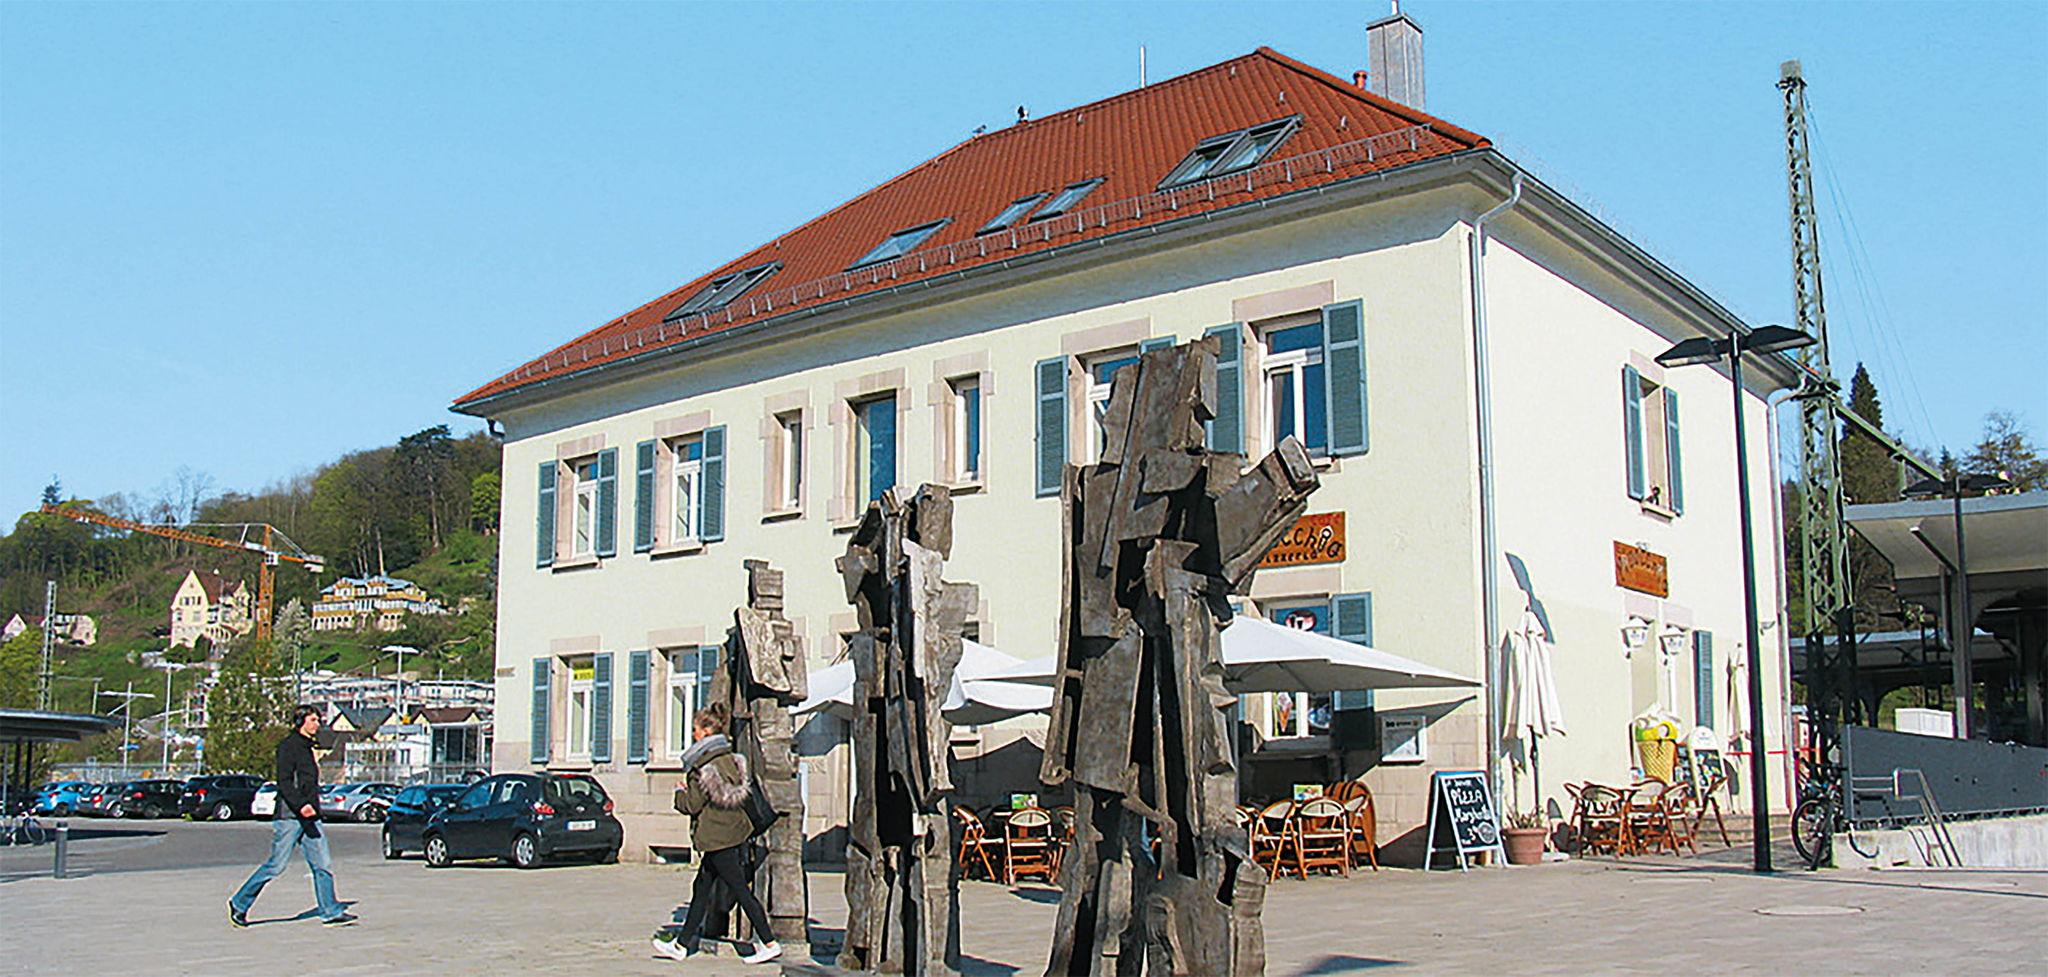 PFIFF Willkommenszentrum - Schwäbisch Gmünd